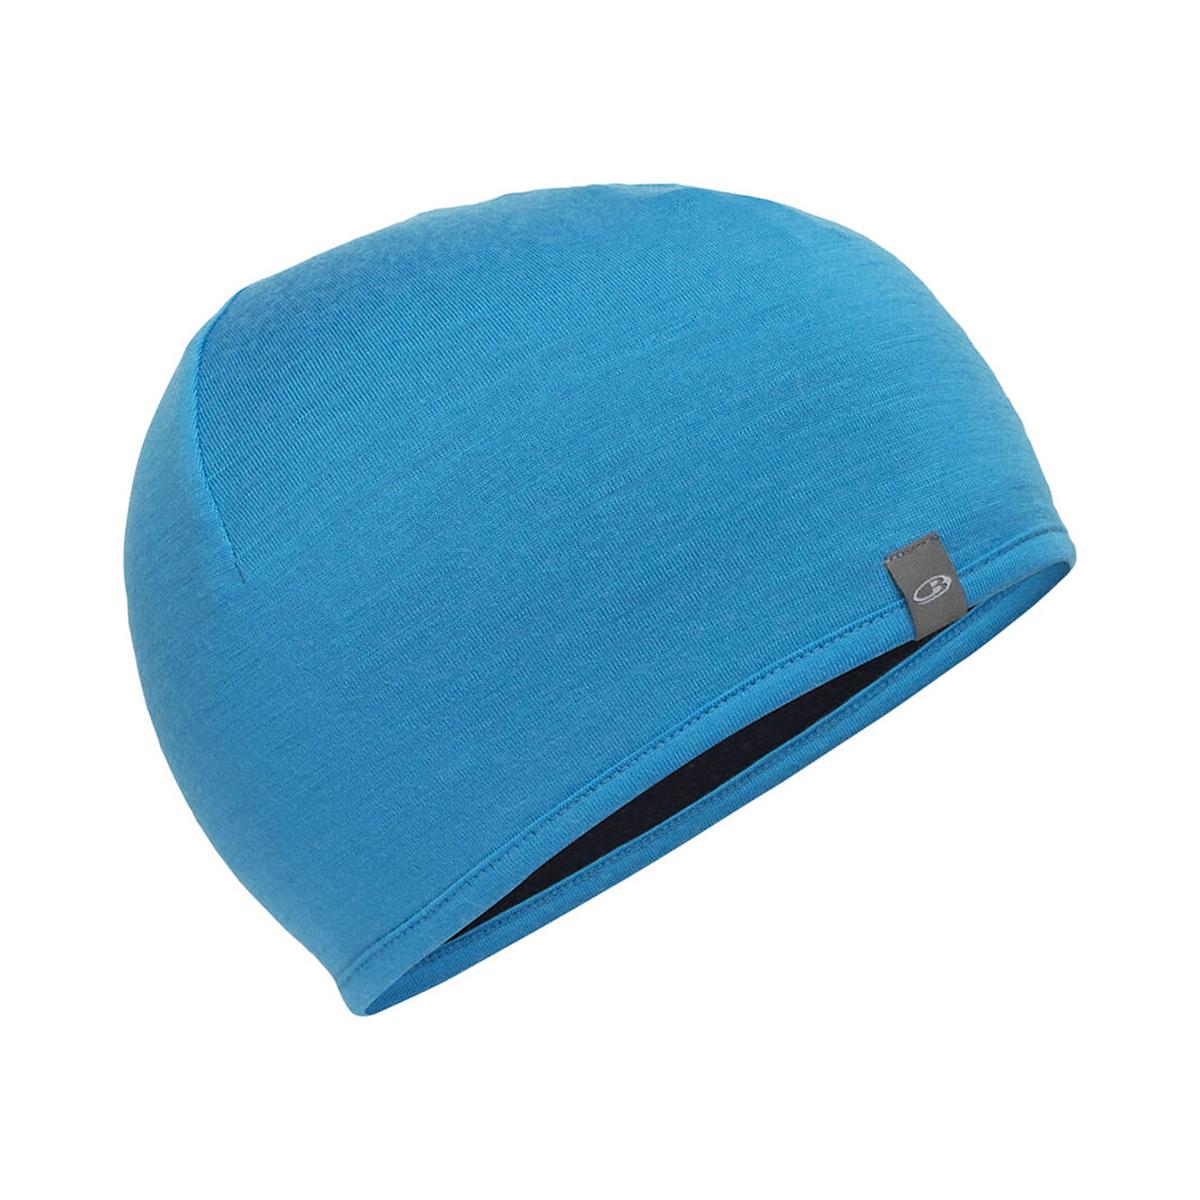 Icebreaker Pocket Hat  - Color: Polar/Midnight, Polar/Midnight, large, image 1